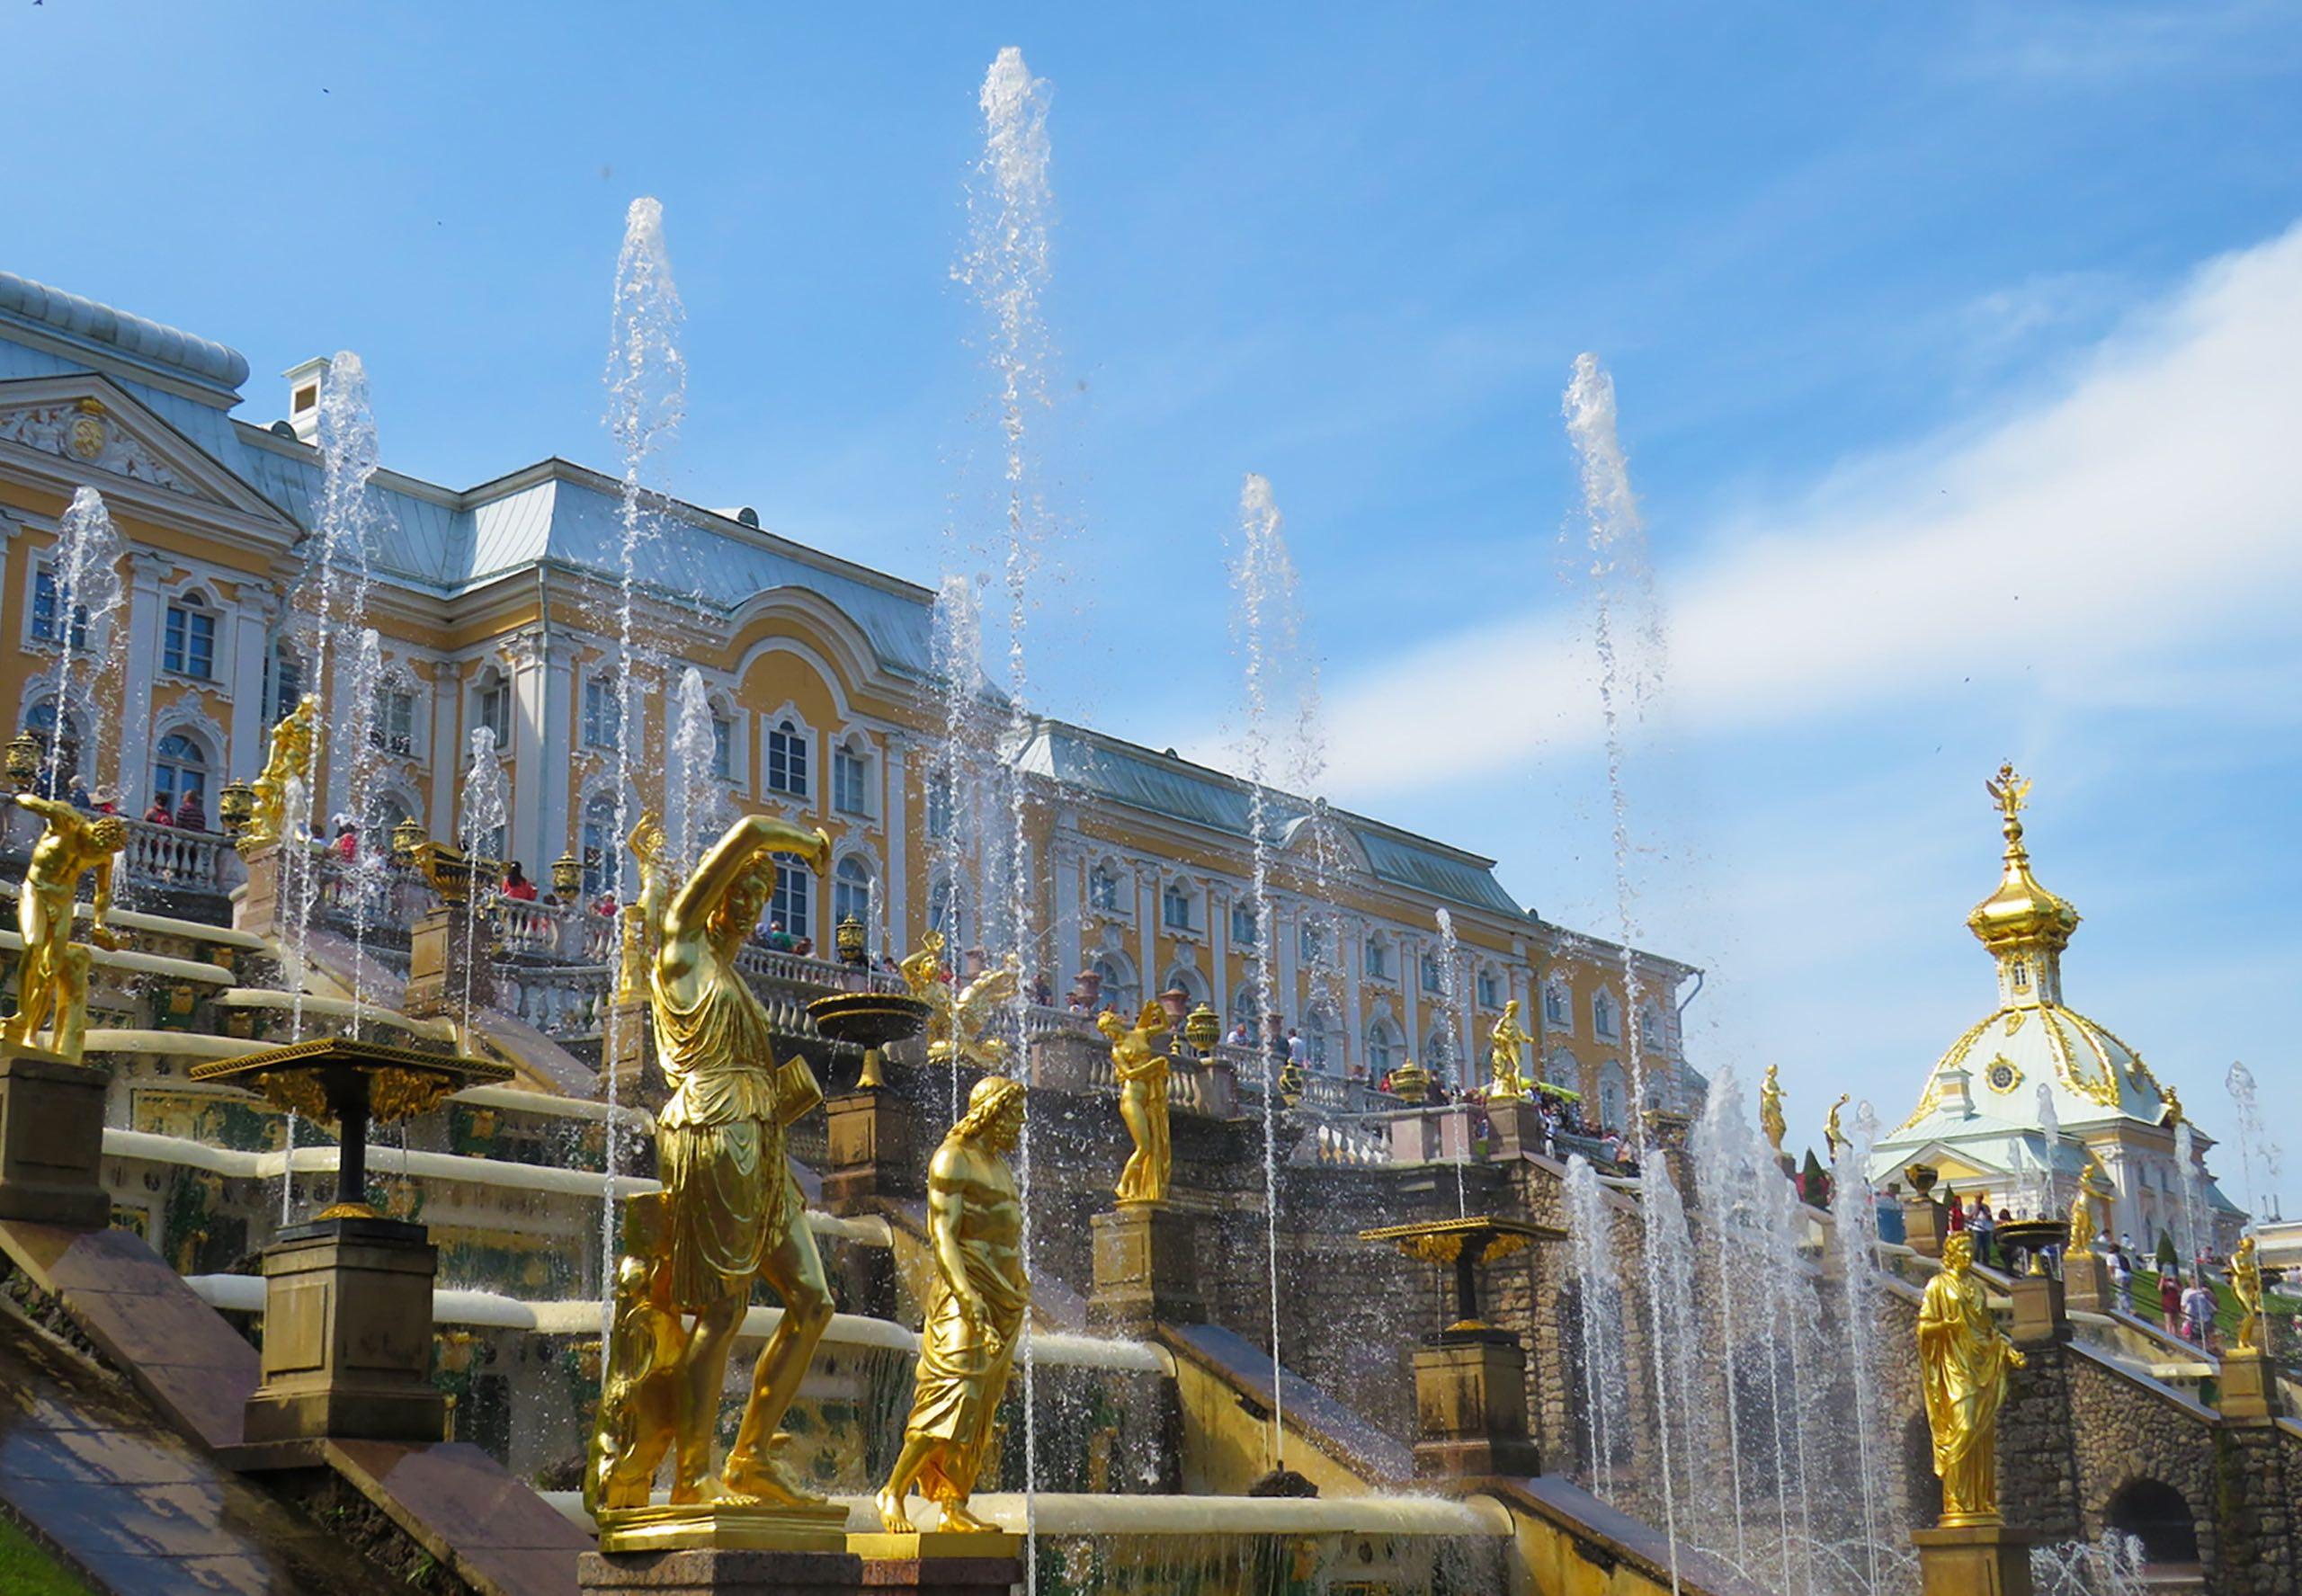 The Gold Fountains of Peterhof Palace | Photo: Anastasiya Romanova